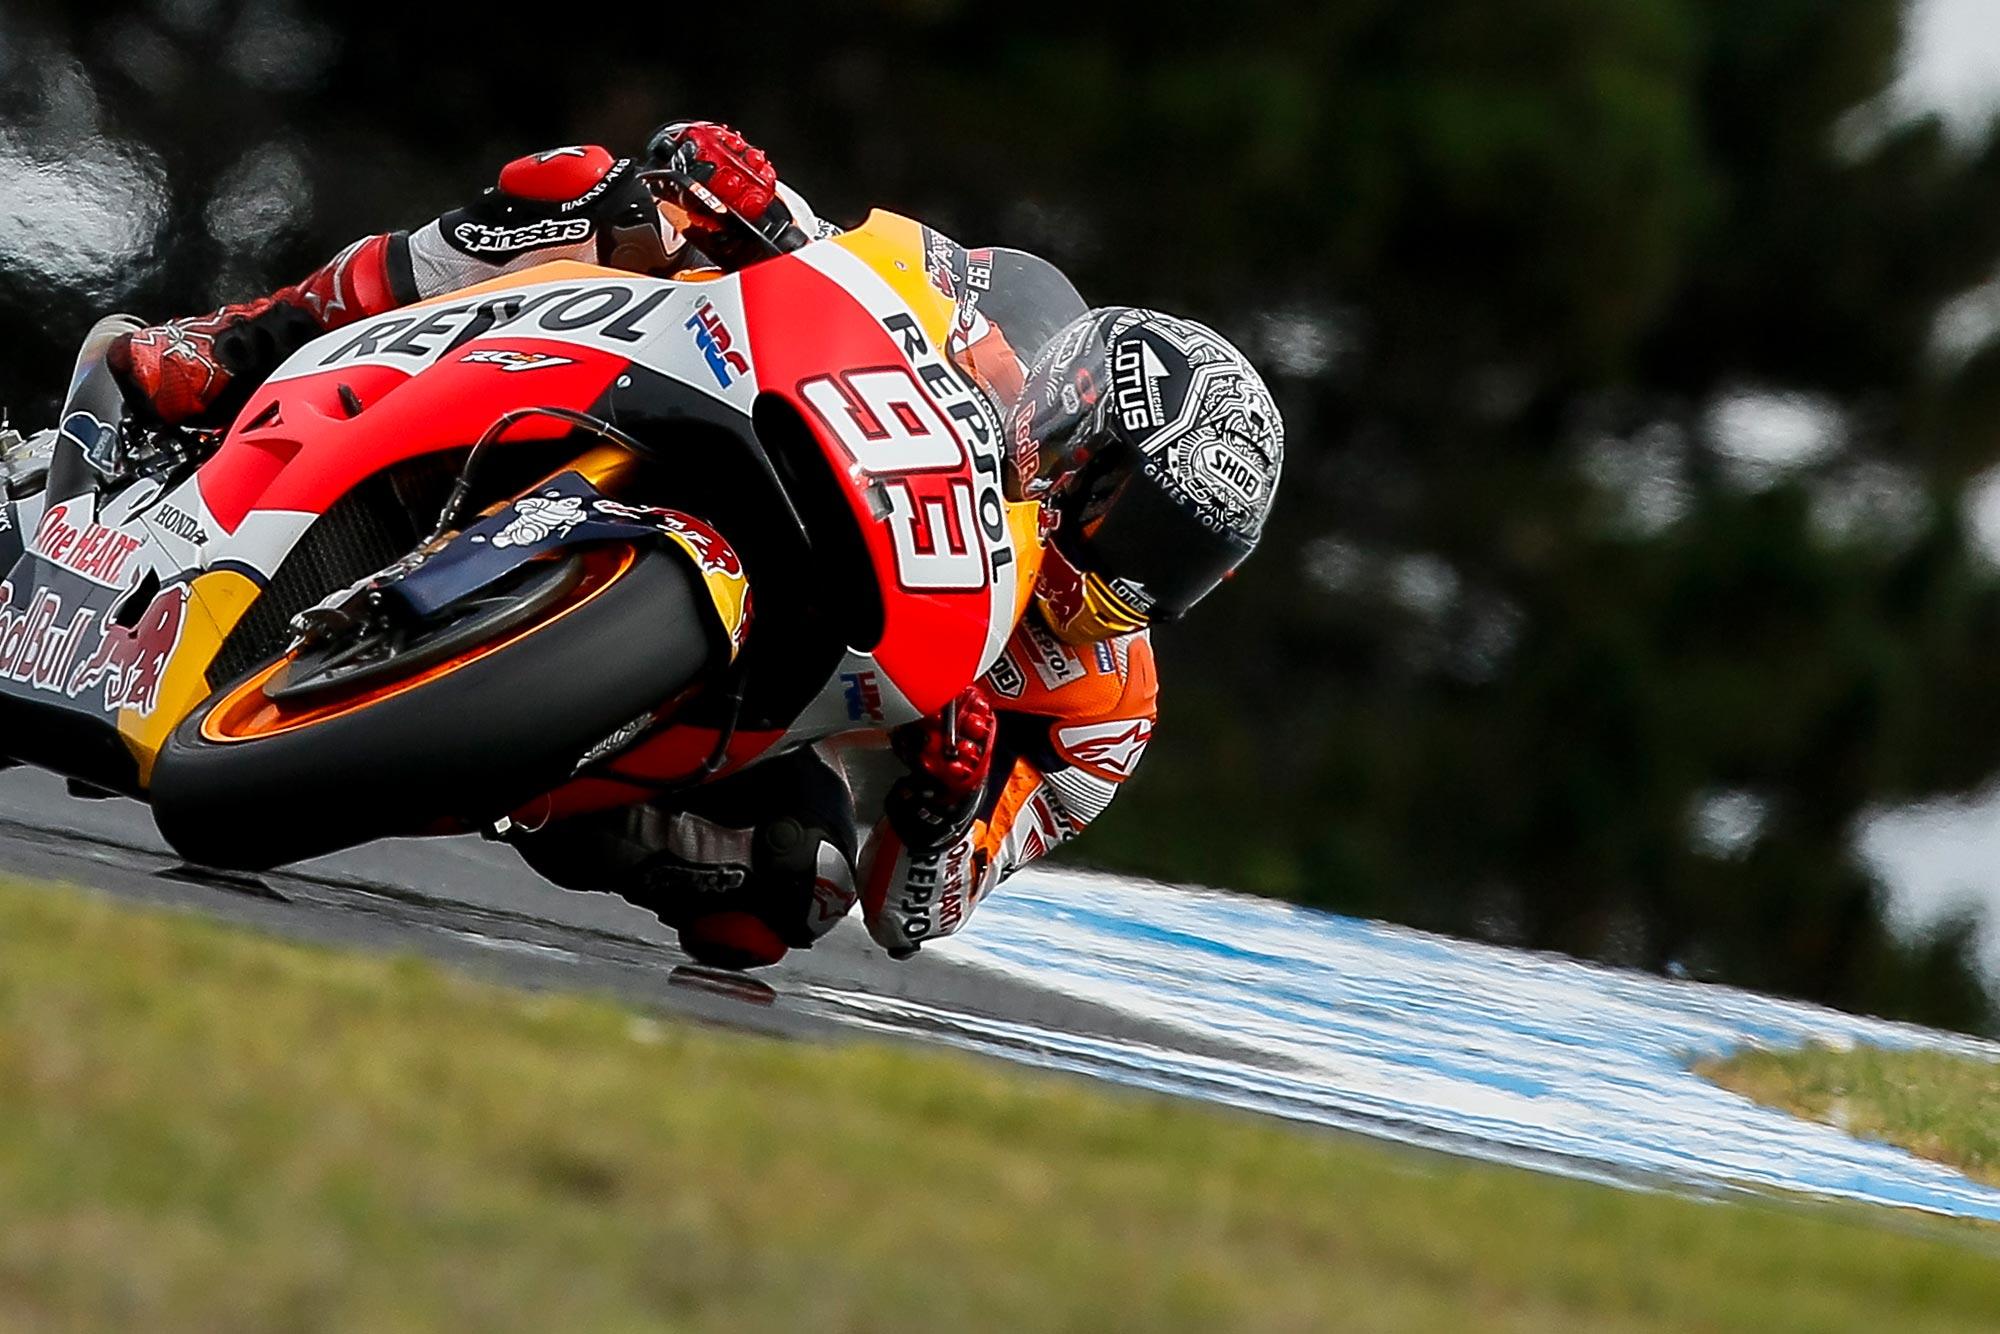 Test MotoGP Phillip Island 2016 - Page 2 Marc-marquez-repsol-honda-phillip-island-motogp-test